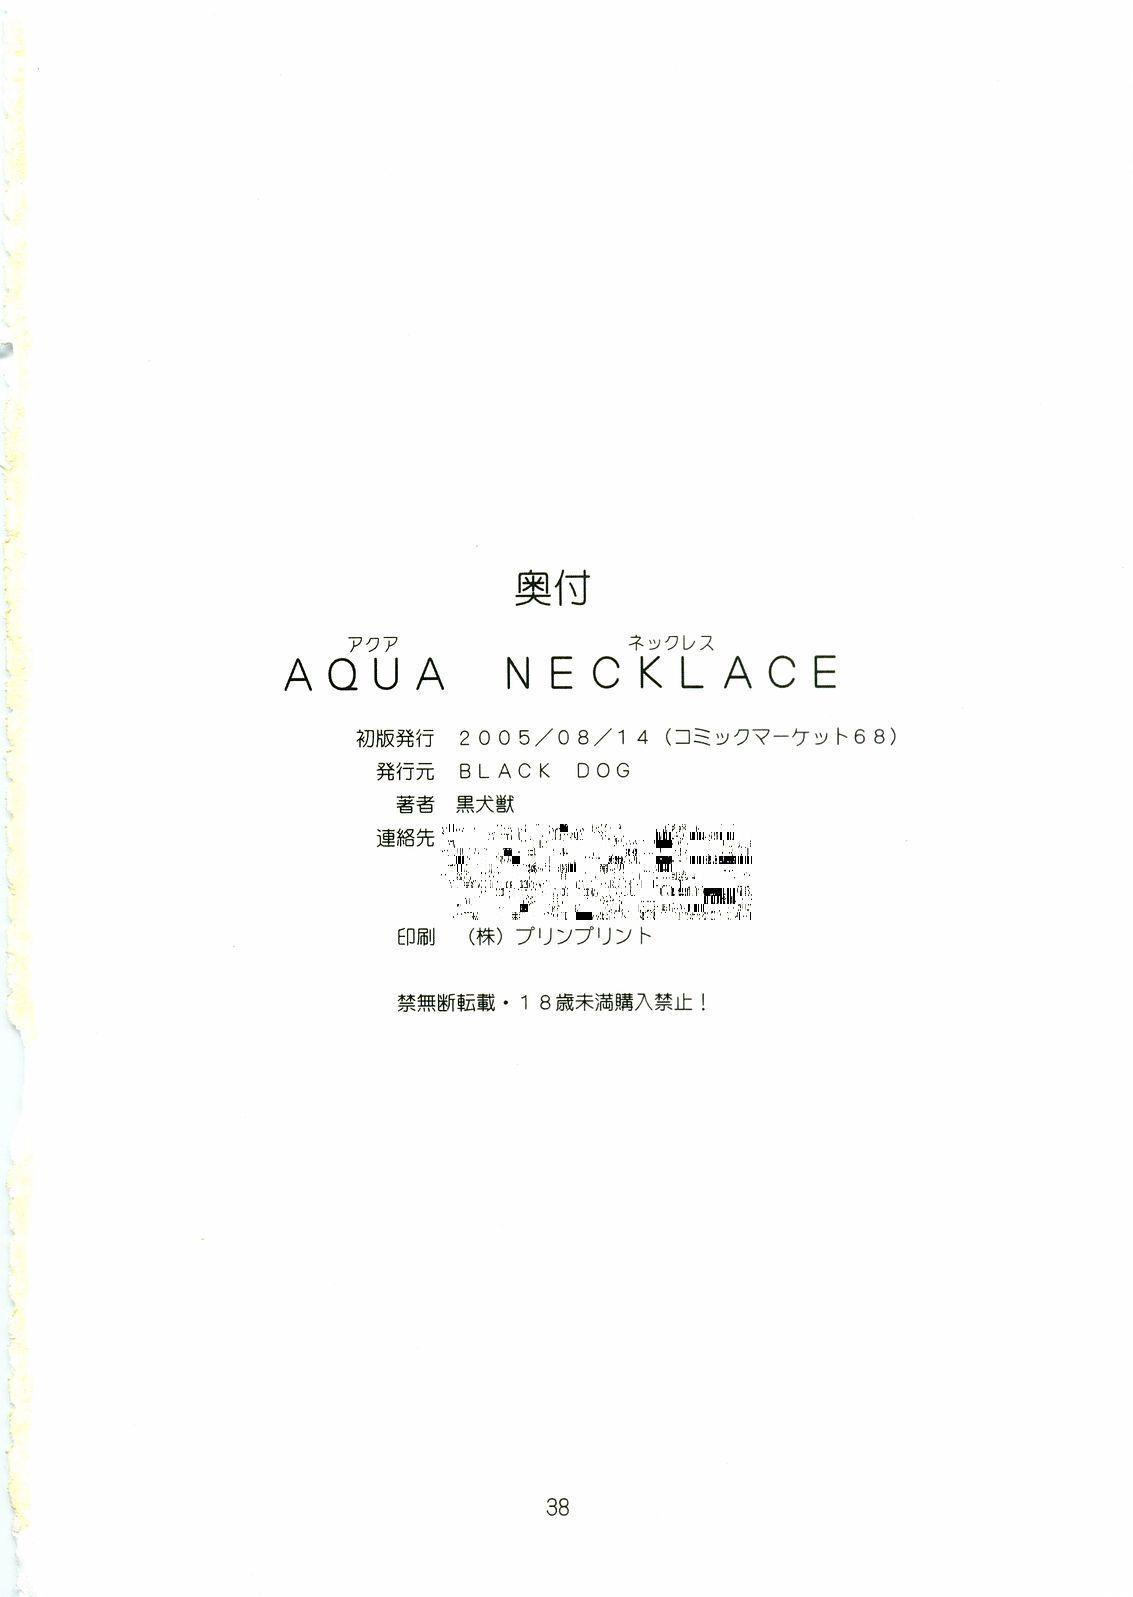 Aqua Necklace 36